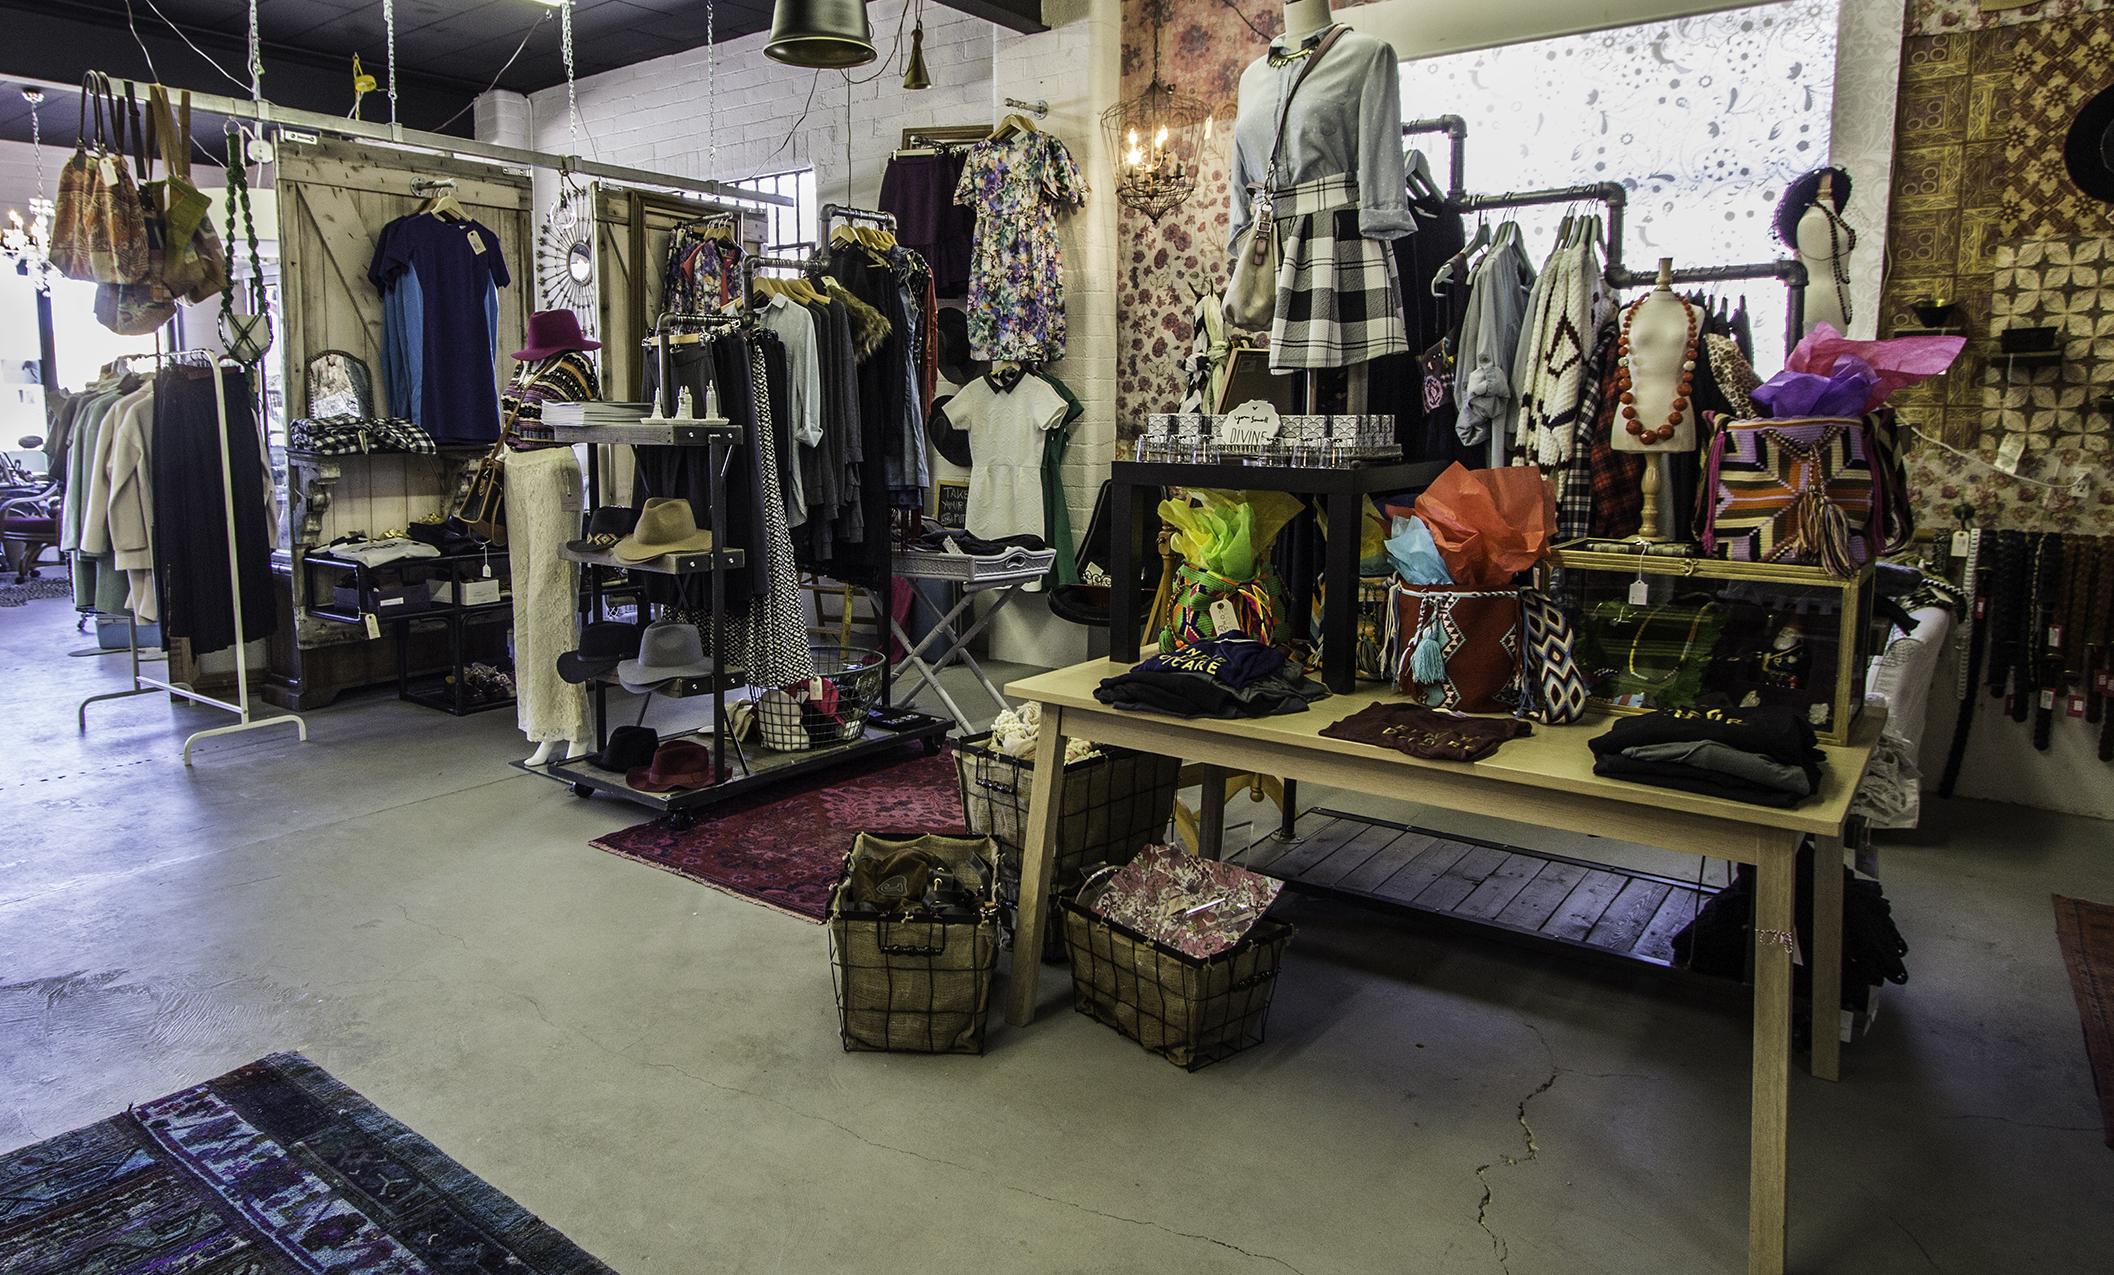 Utah clothing stores